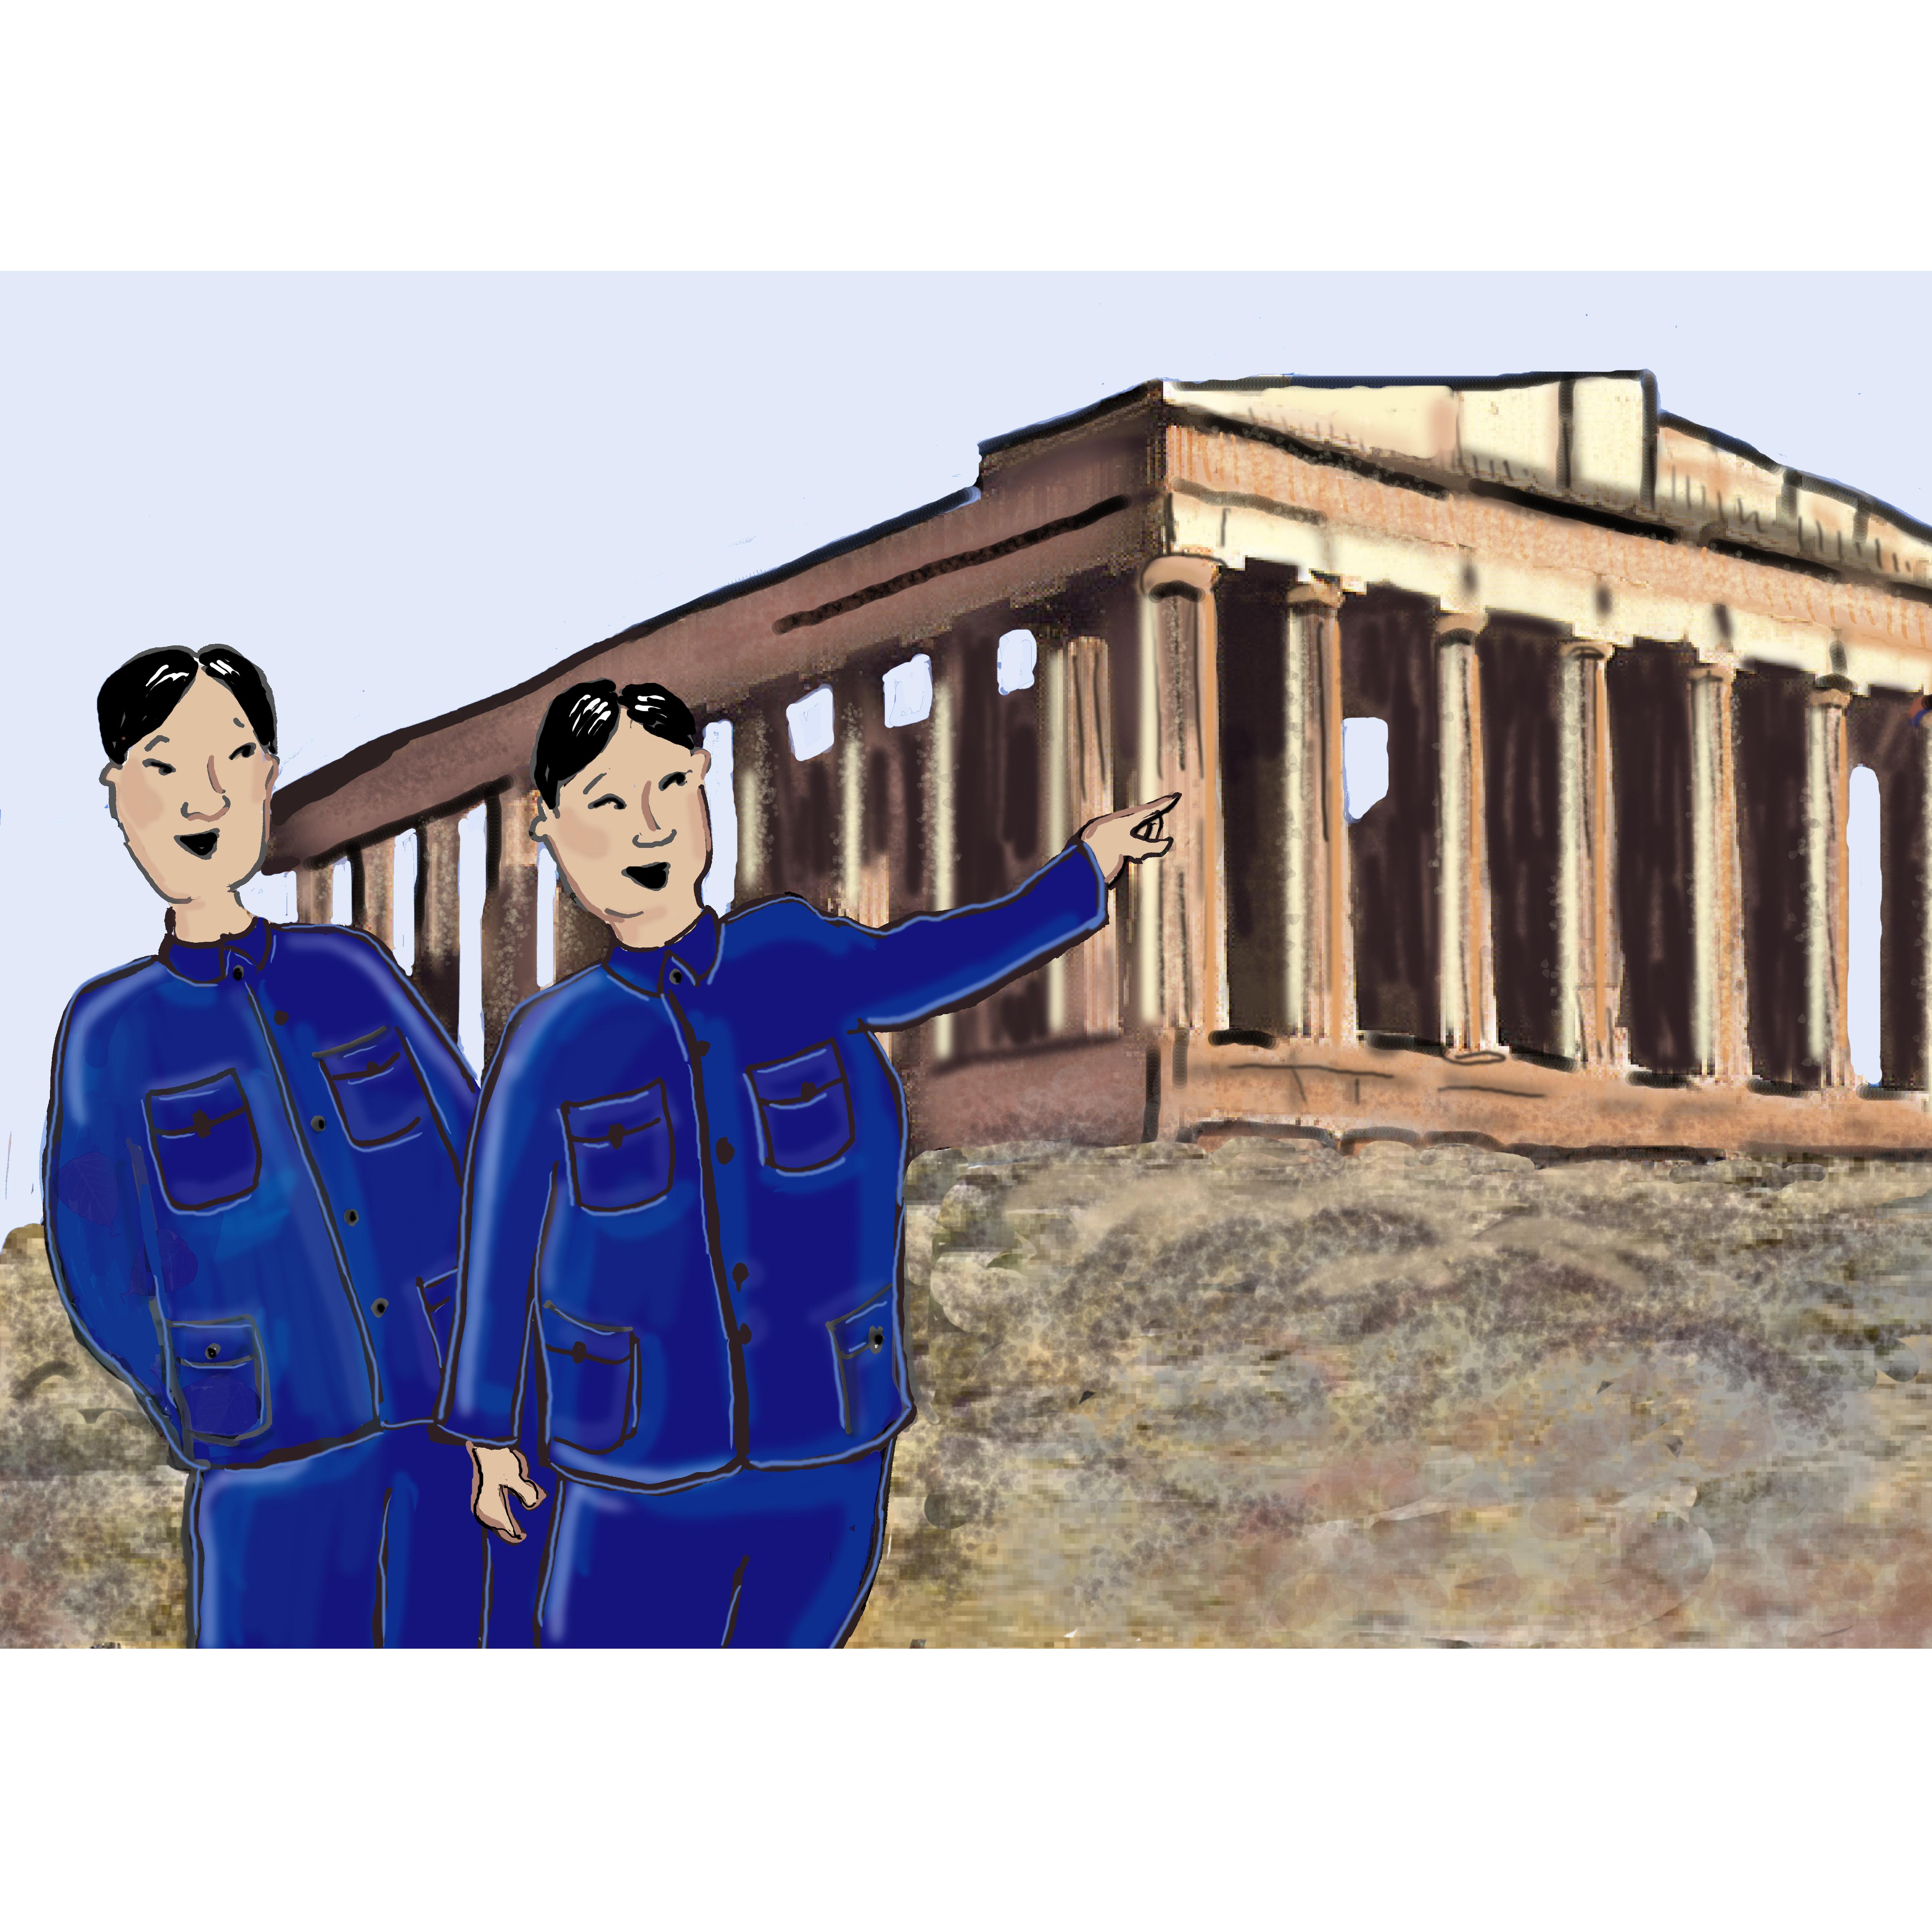 Beijing's Socratic dialogue